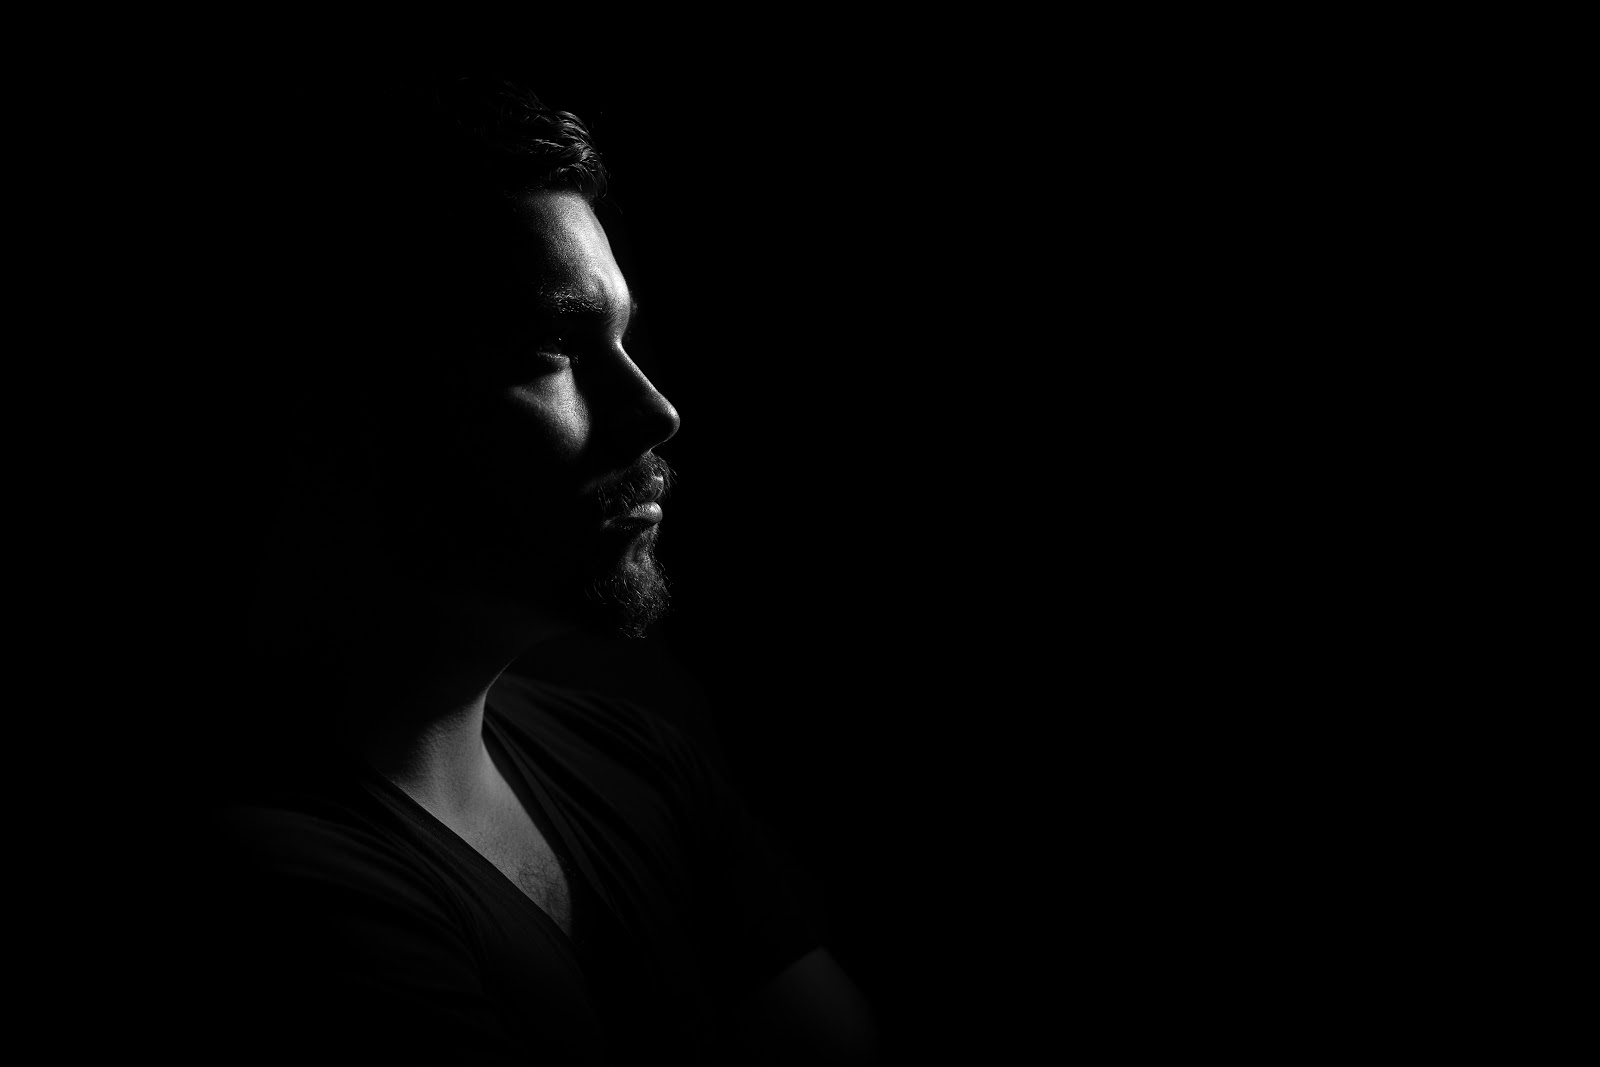 暗闇の中の憂鬱な男性